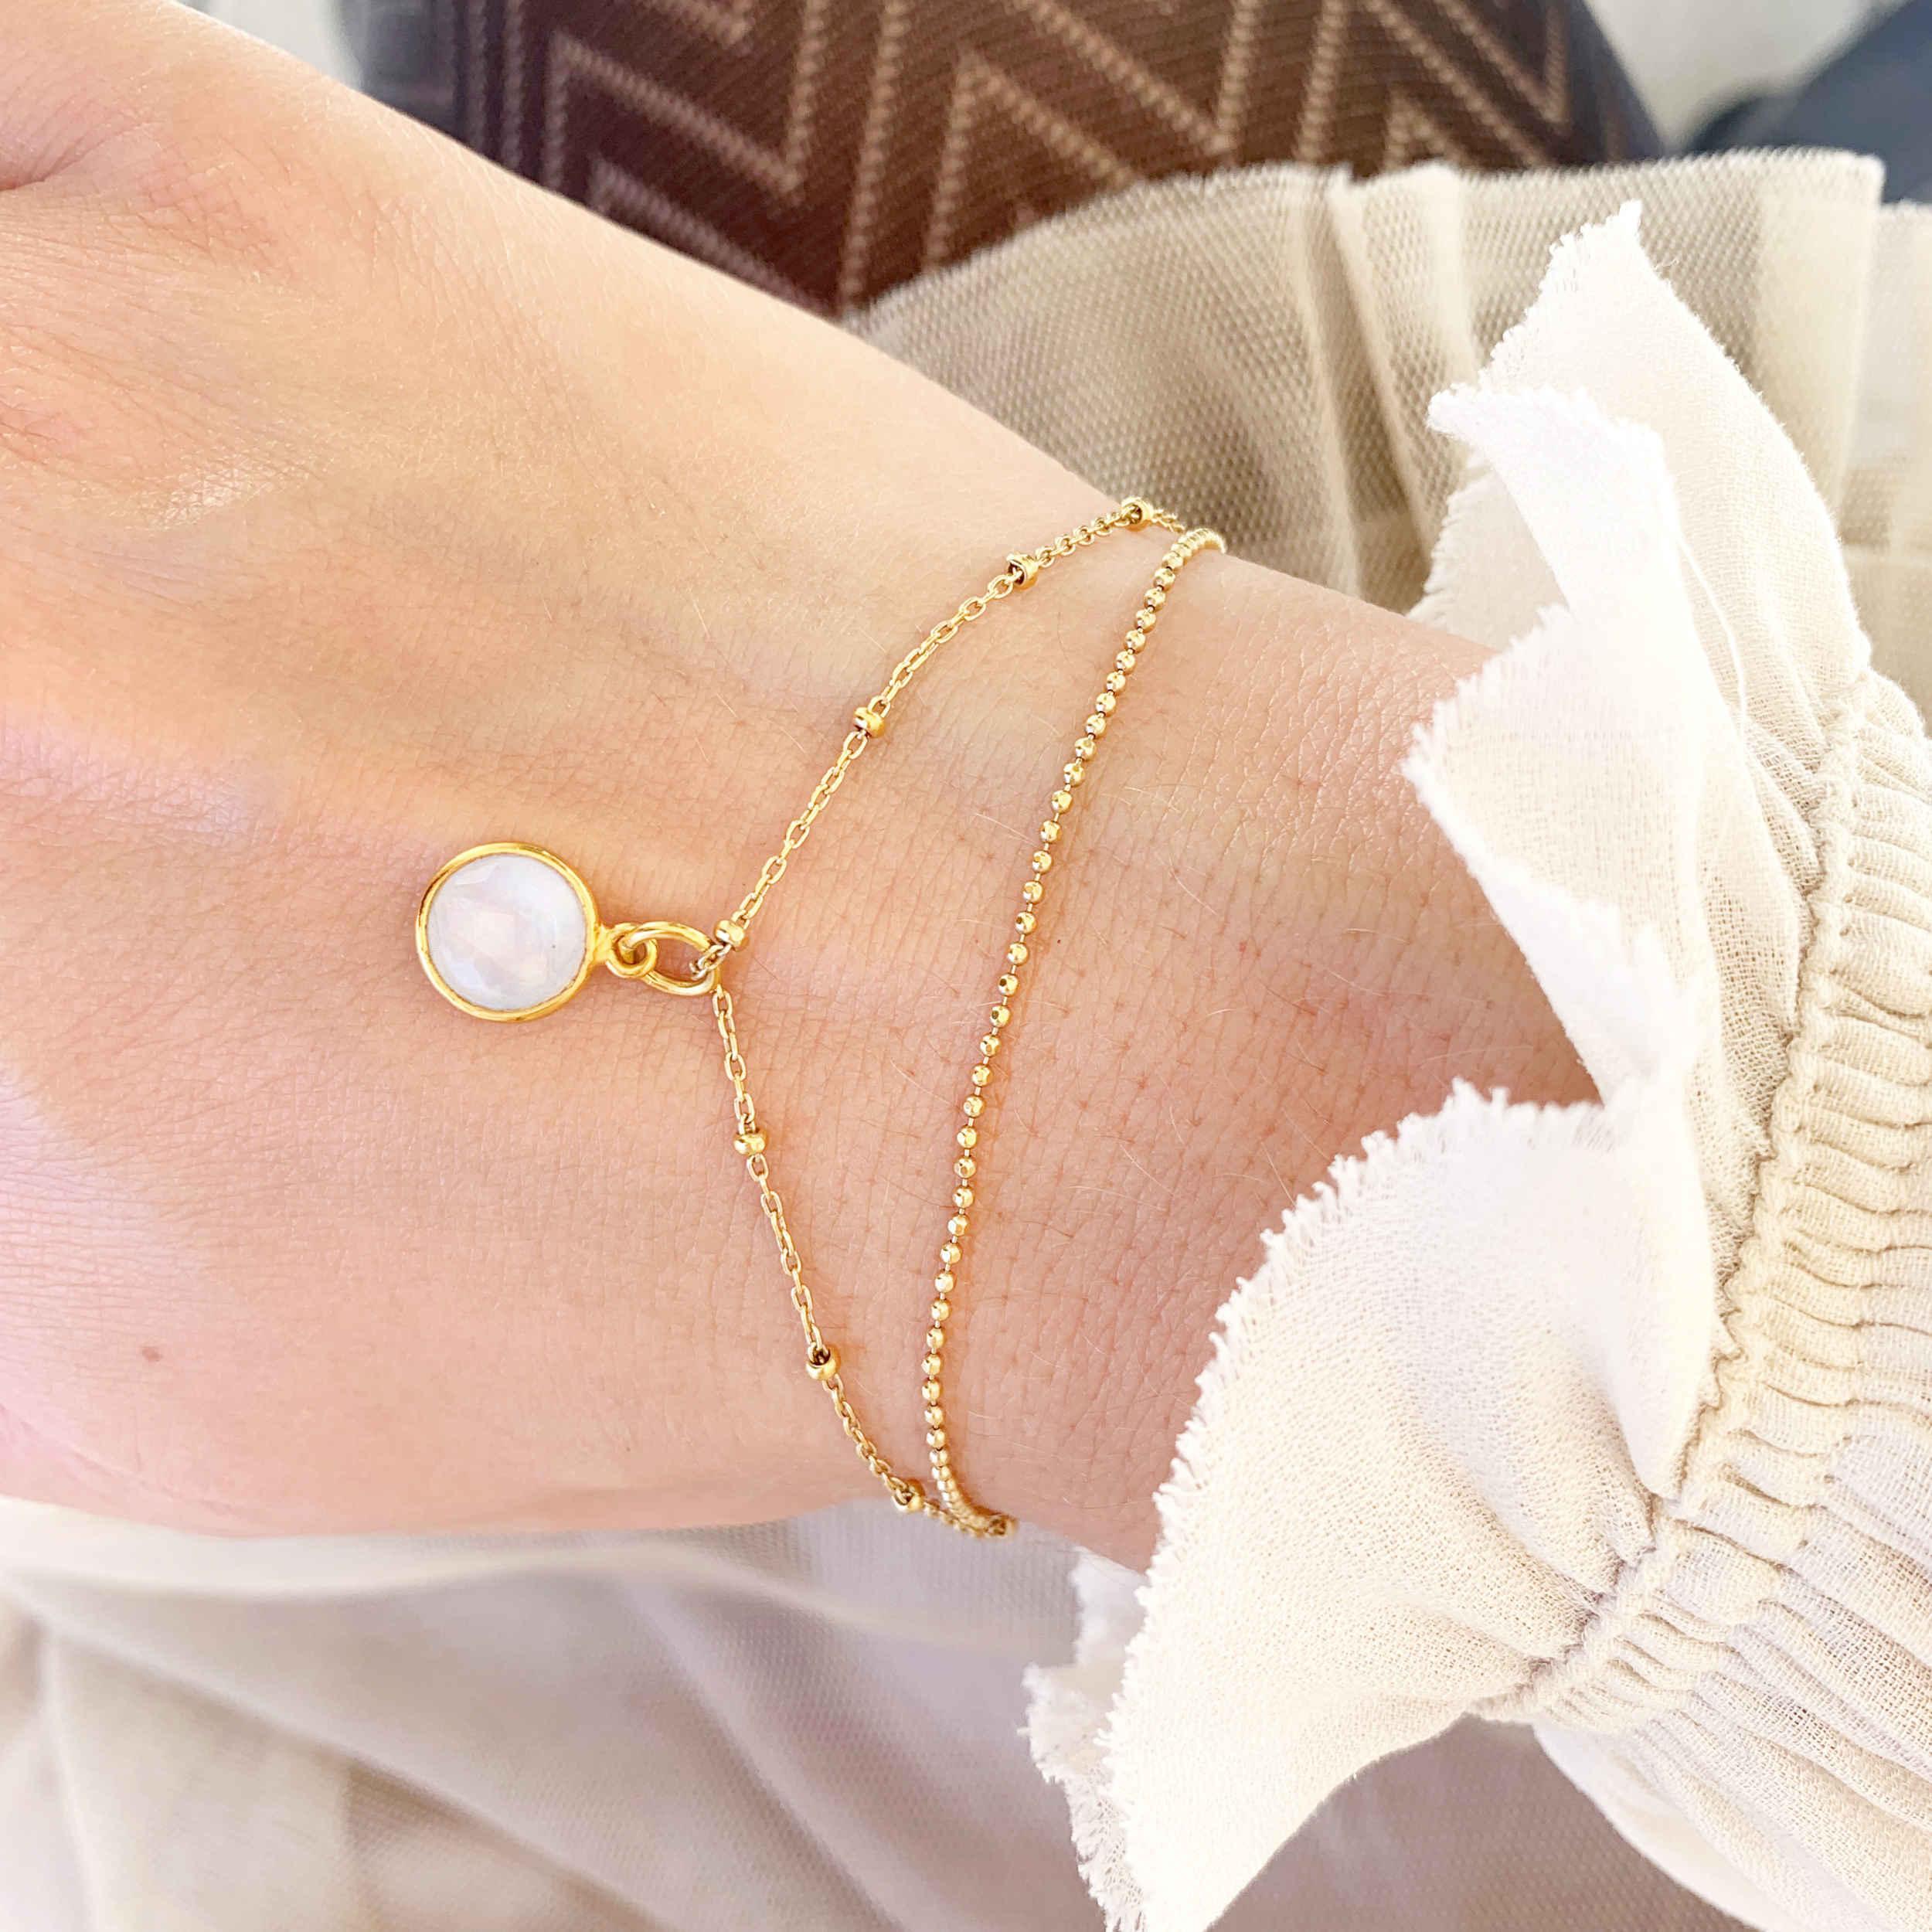 Armkette mit Mondstein gold monchic